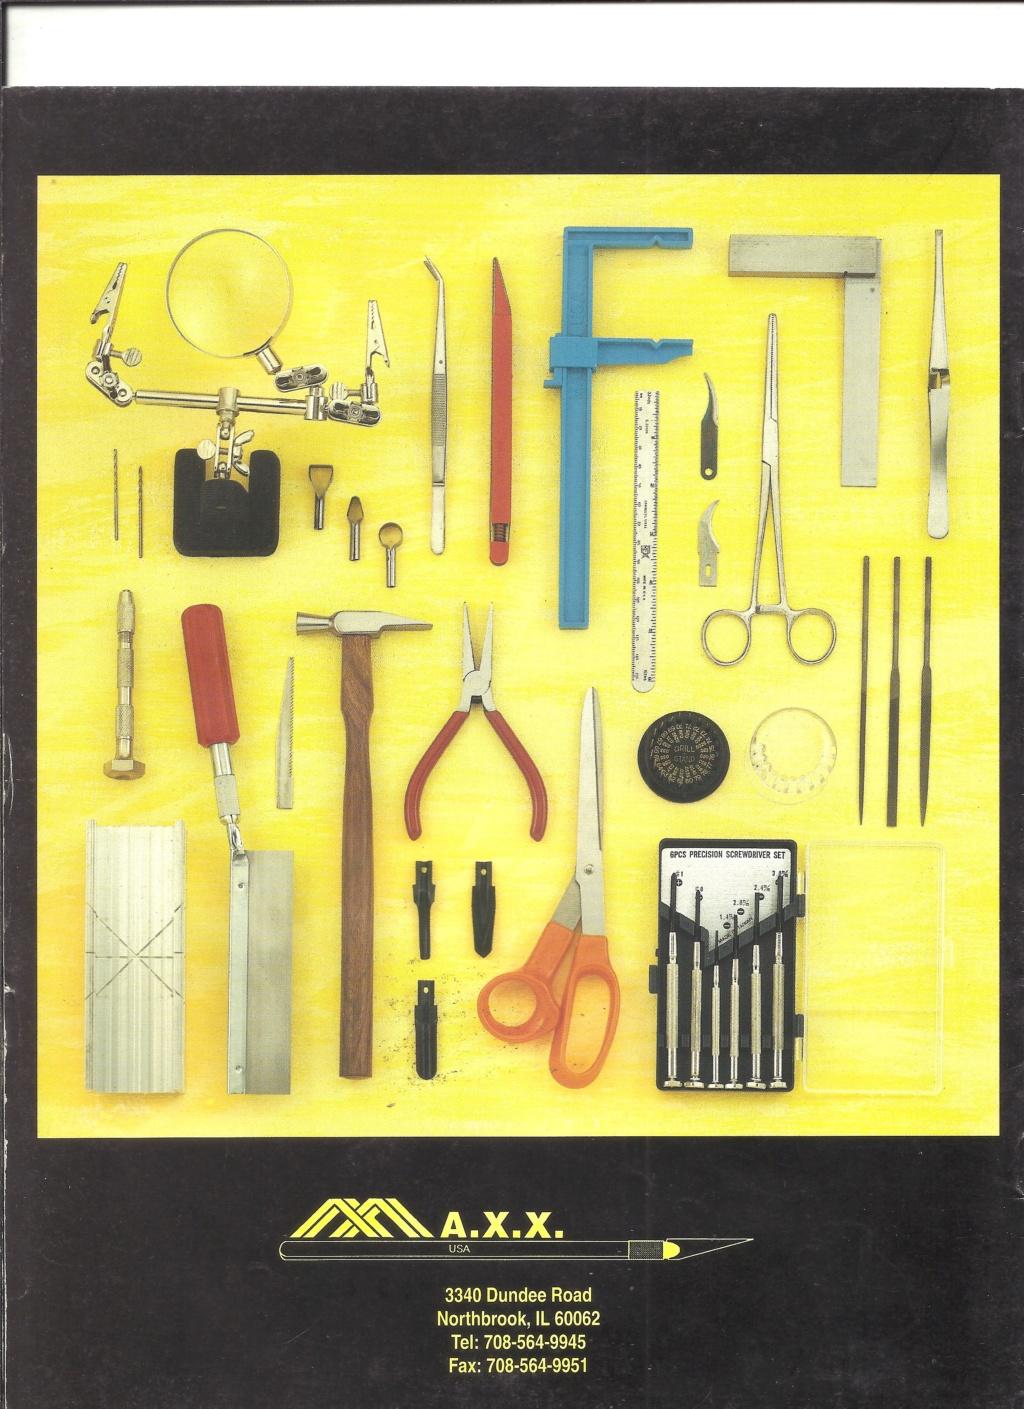 [MAXX 199.] Catalogue 199. Maxx_c21